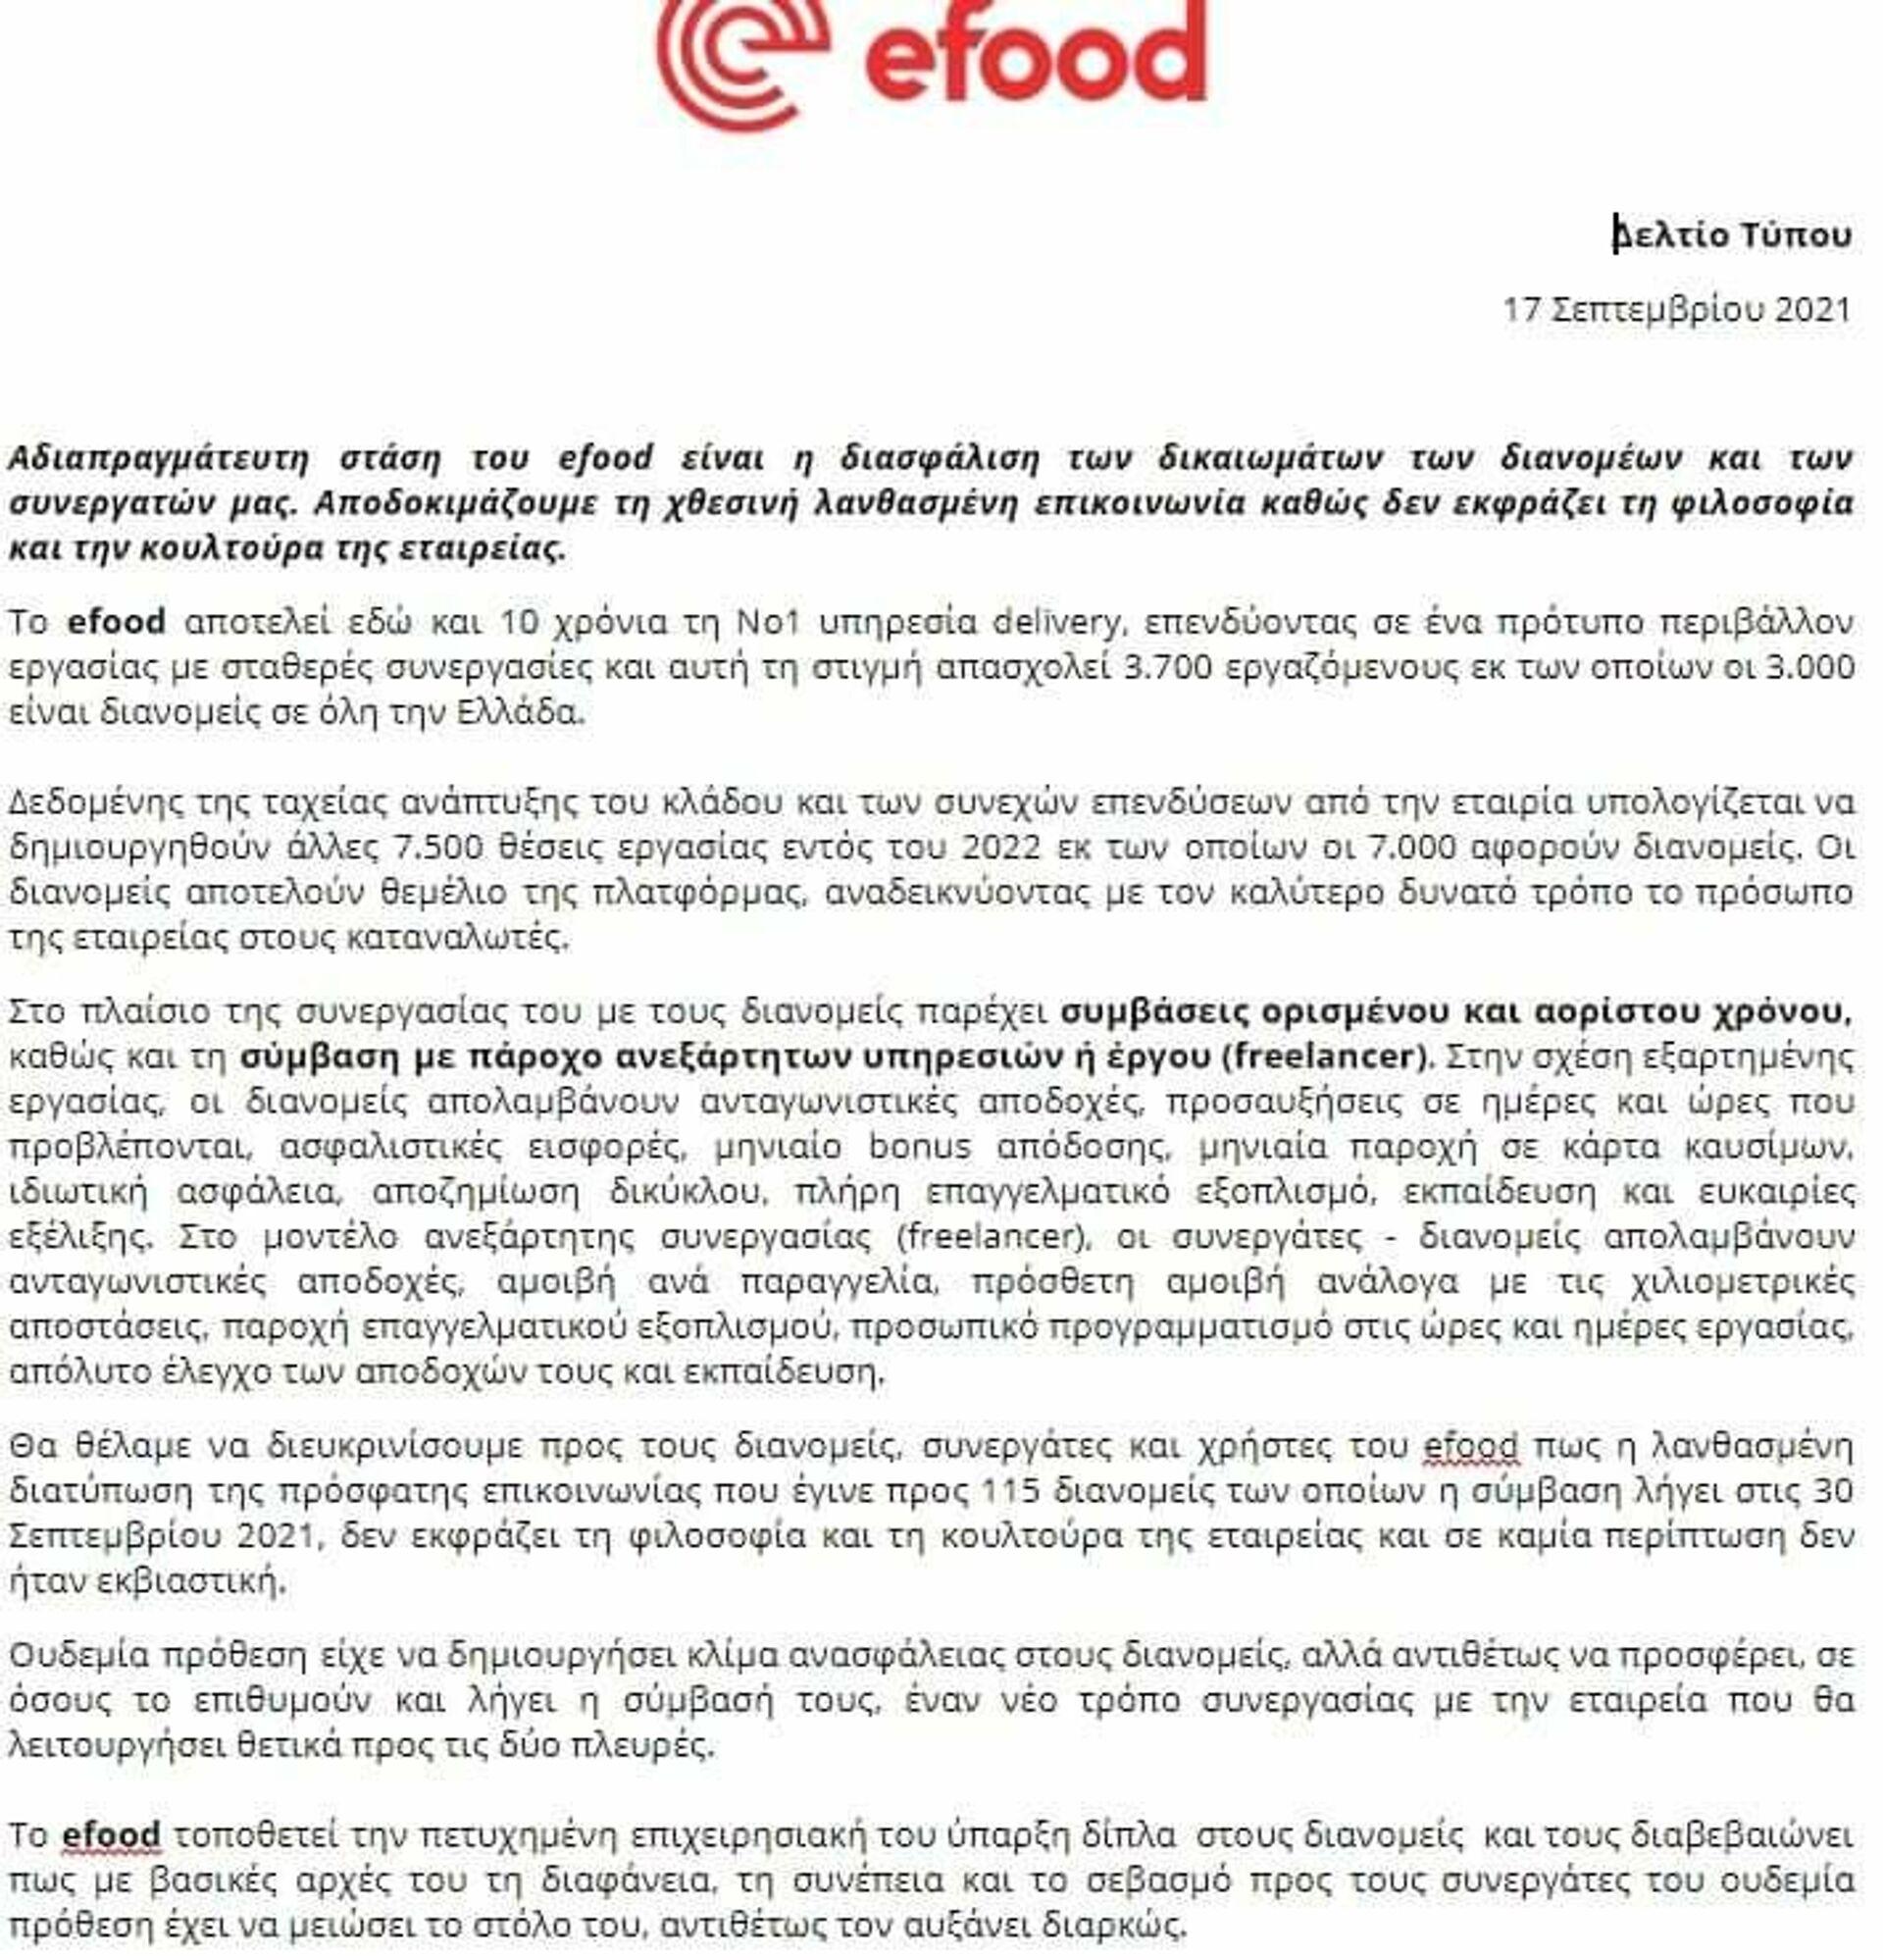 Η απάντηση της efood μετά τον σάλο με τους ντελιβεράδες - Sputnik Ελλάδα, 1920, 18.09.2021